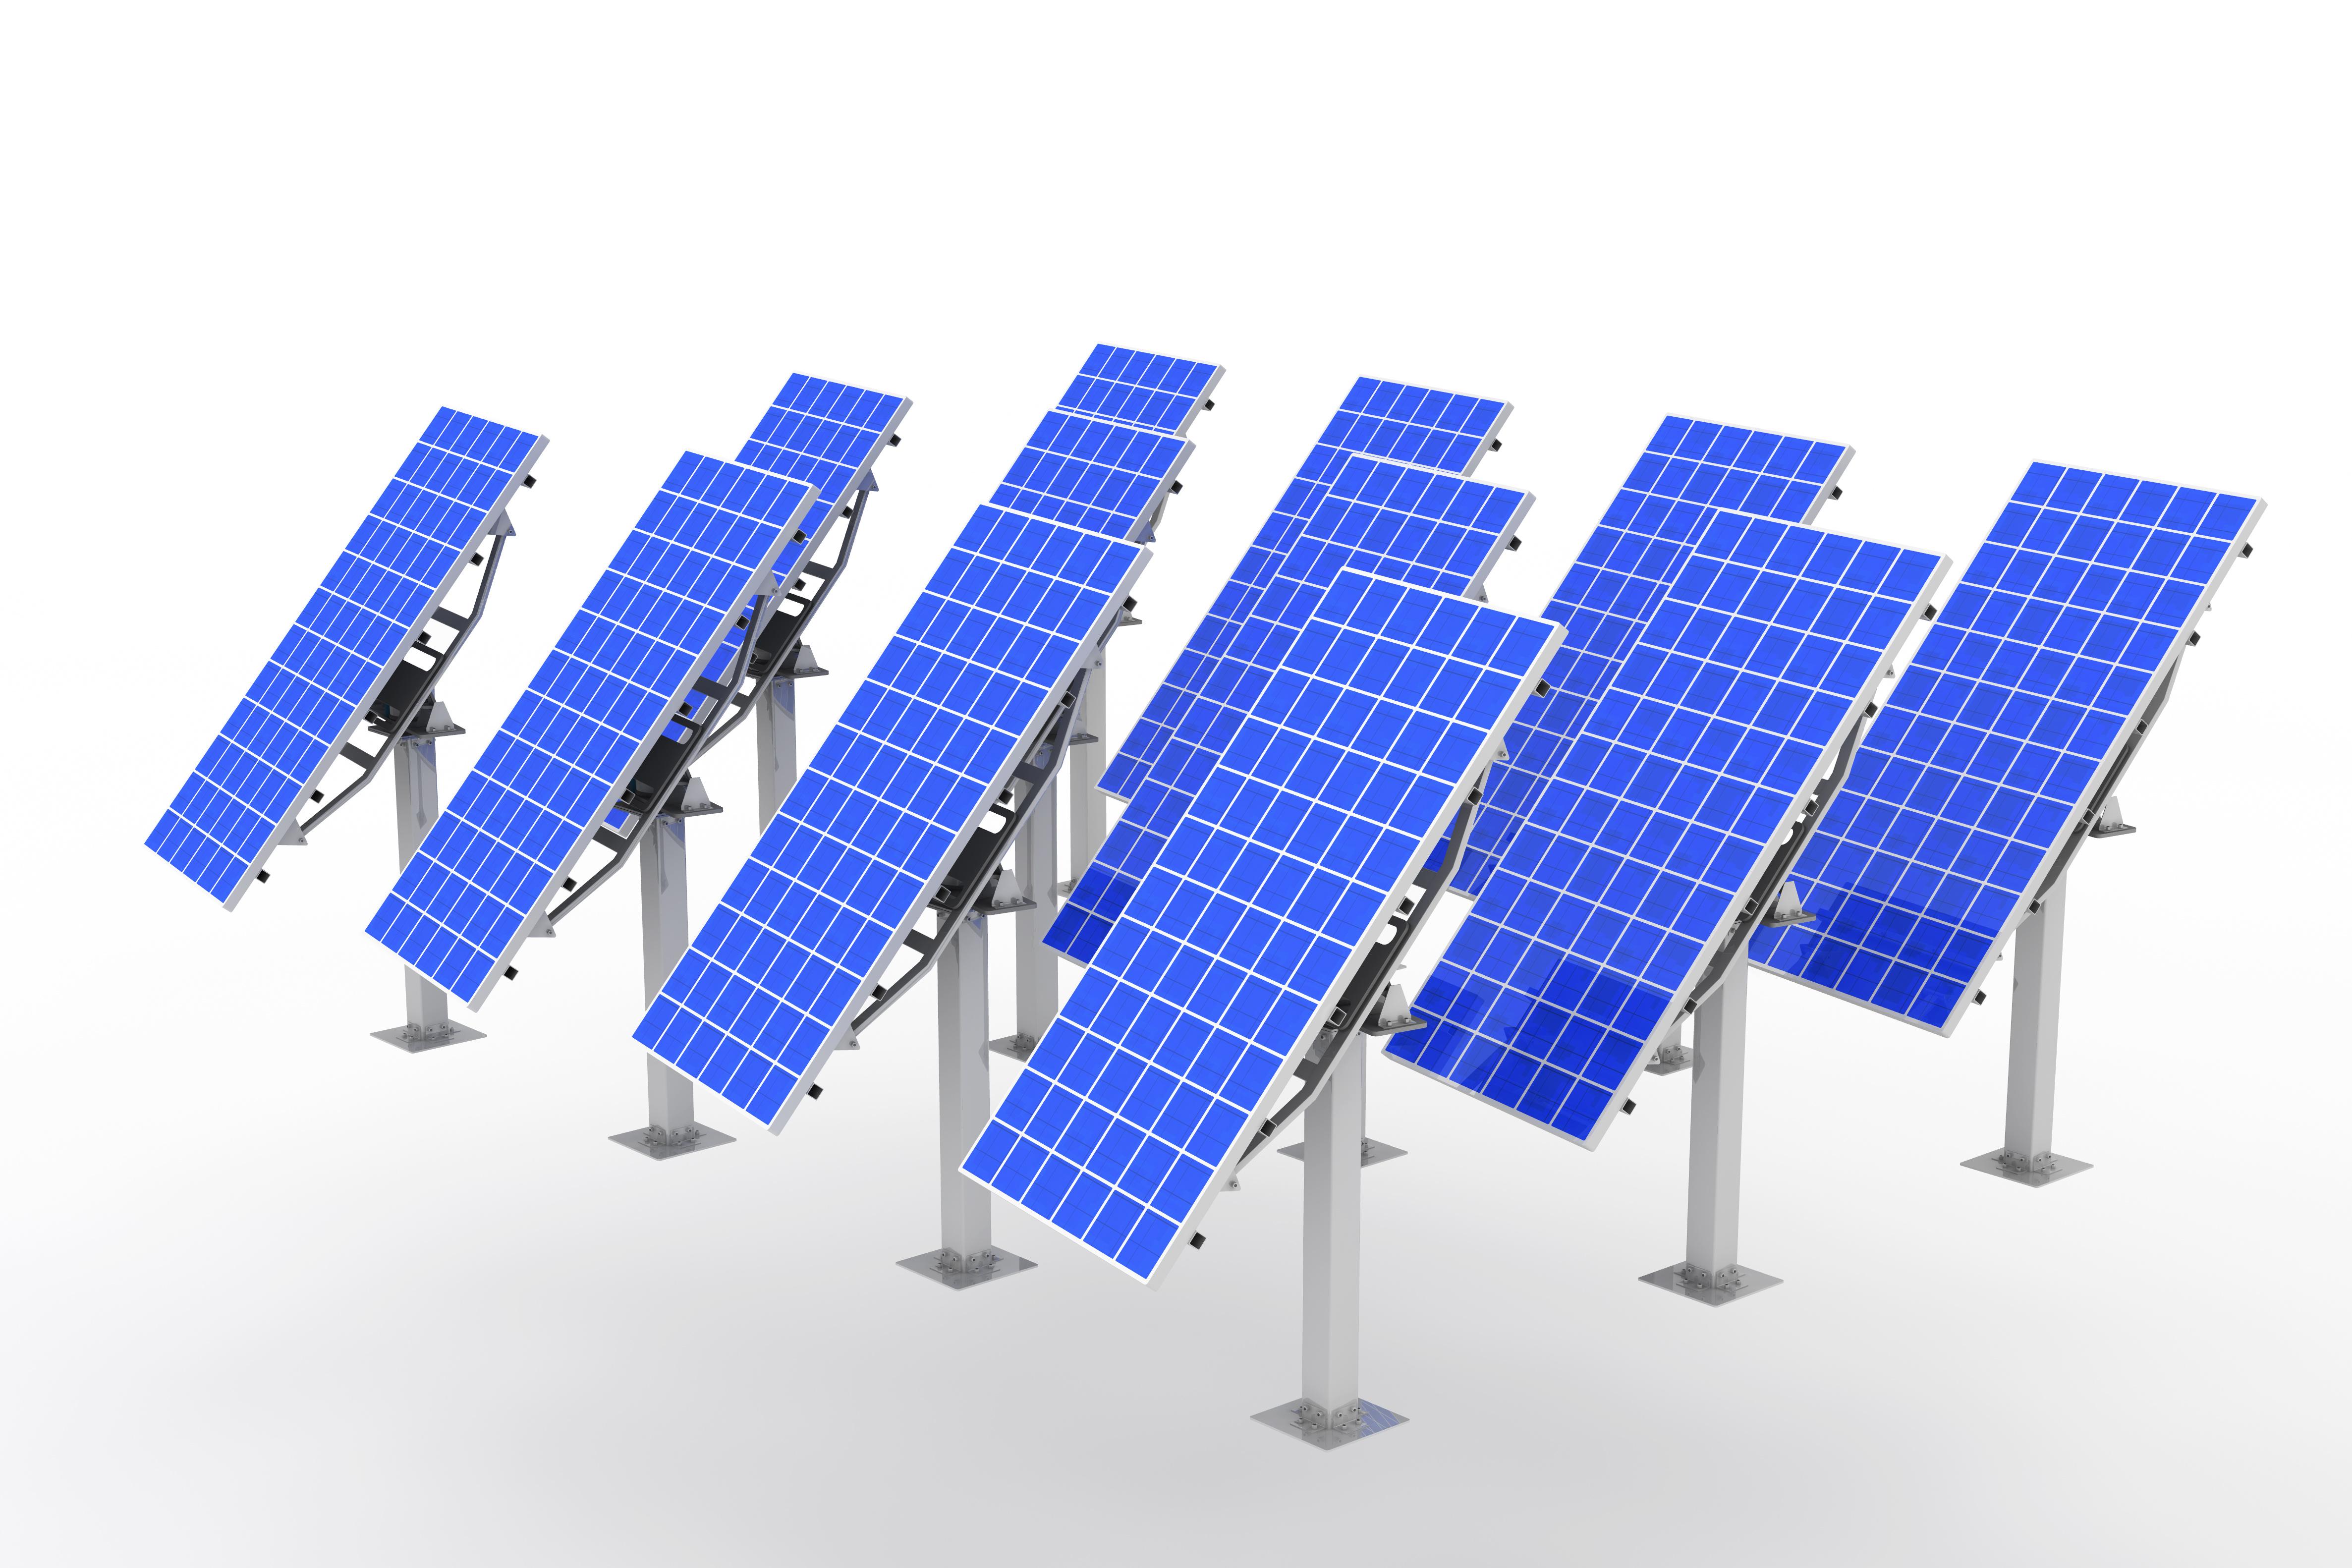 Quanto Costa Pannello Solare Per Camper : Casa immobiliare accessori smaltimento pannelli fotovoltaici